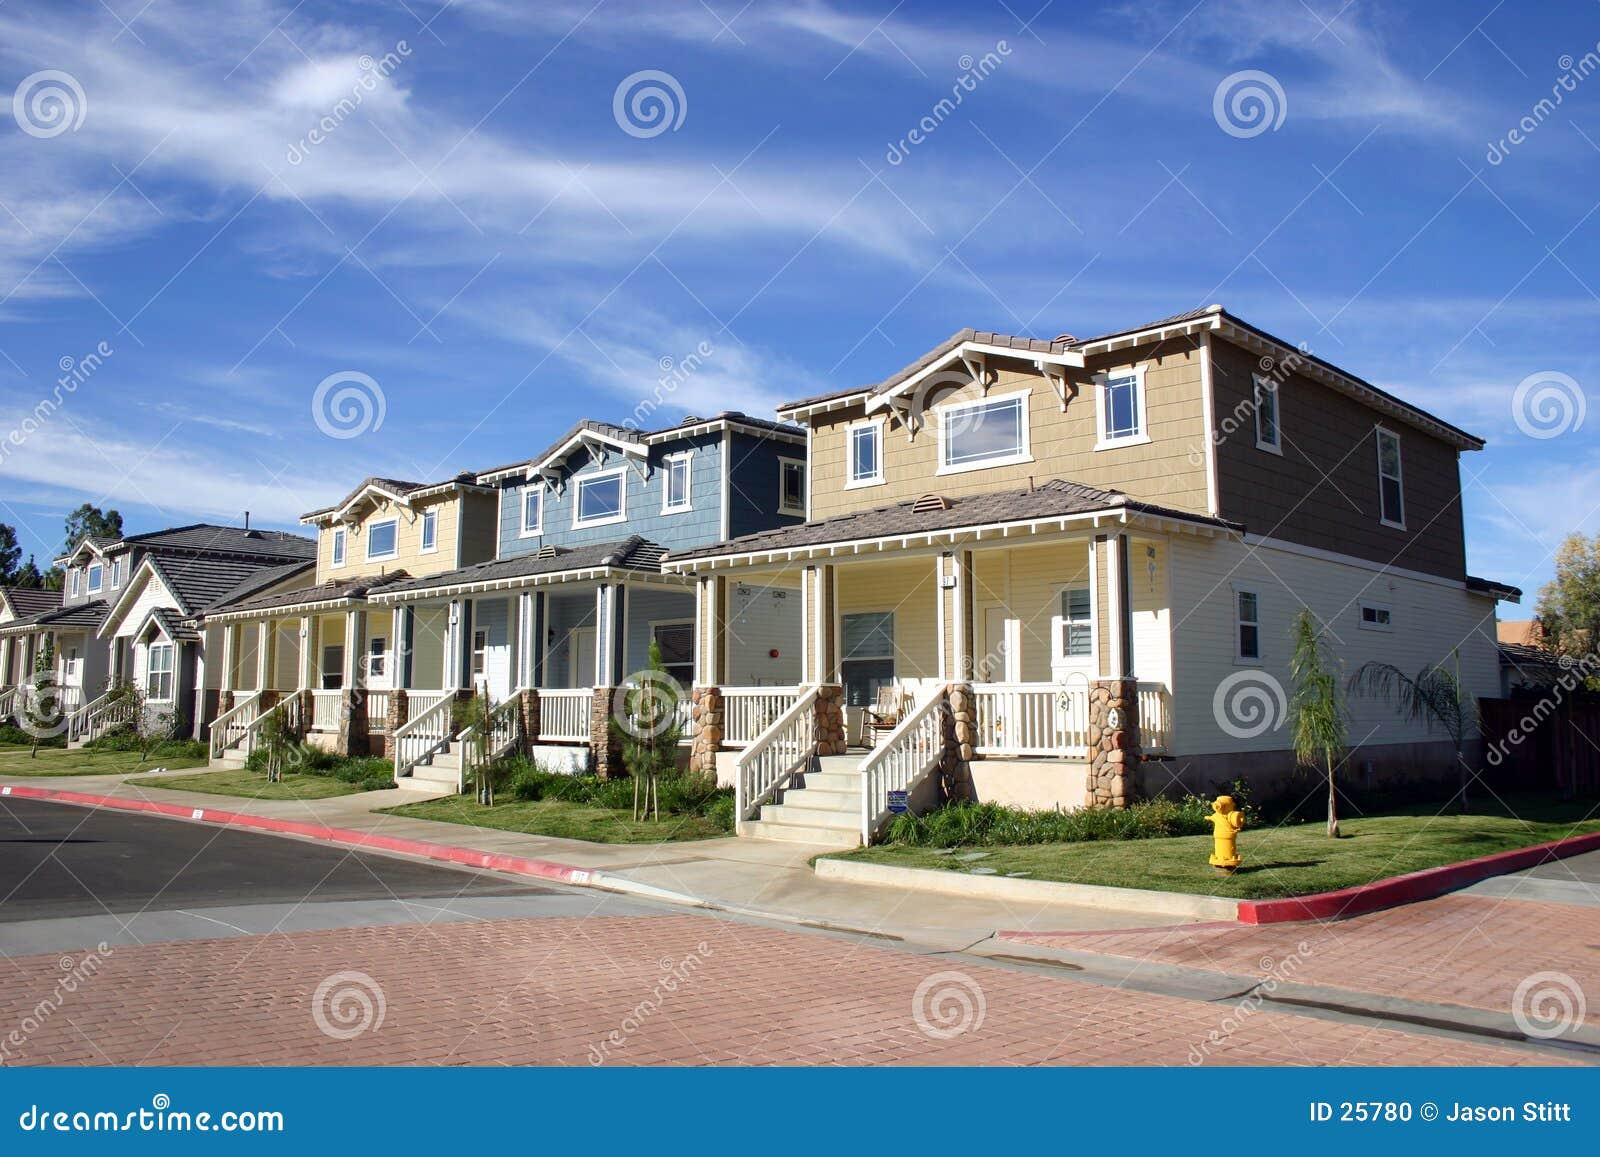 Neighborhood Houses Stock Photo - Image: 25780